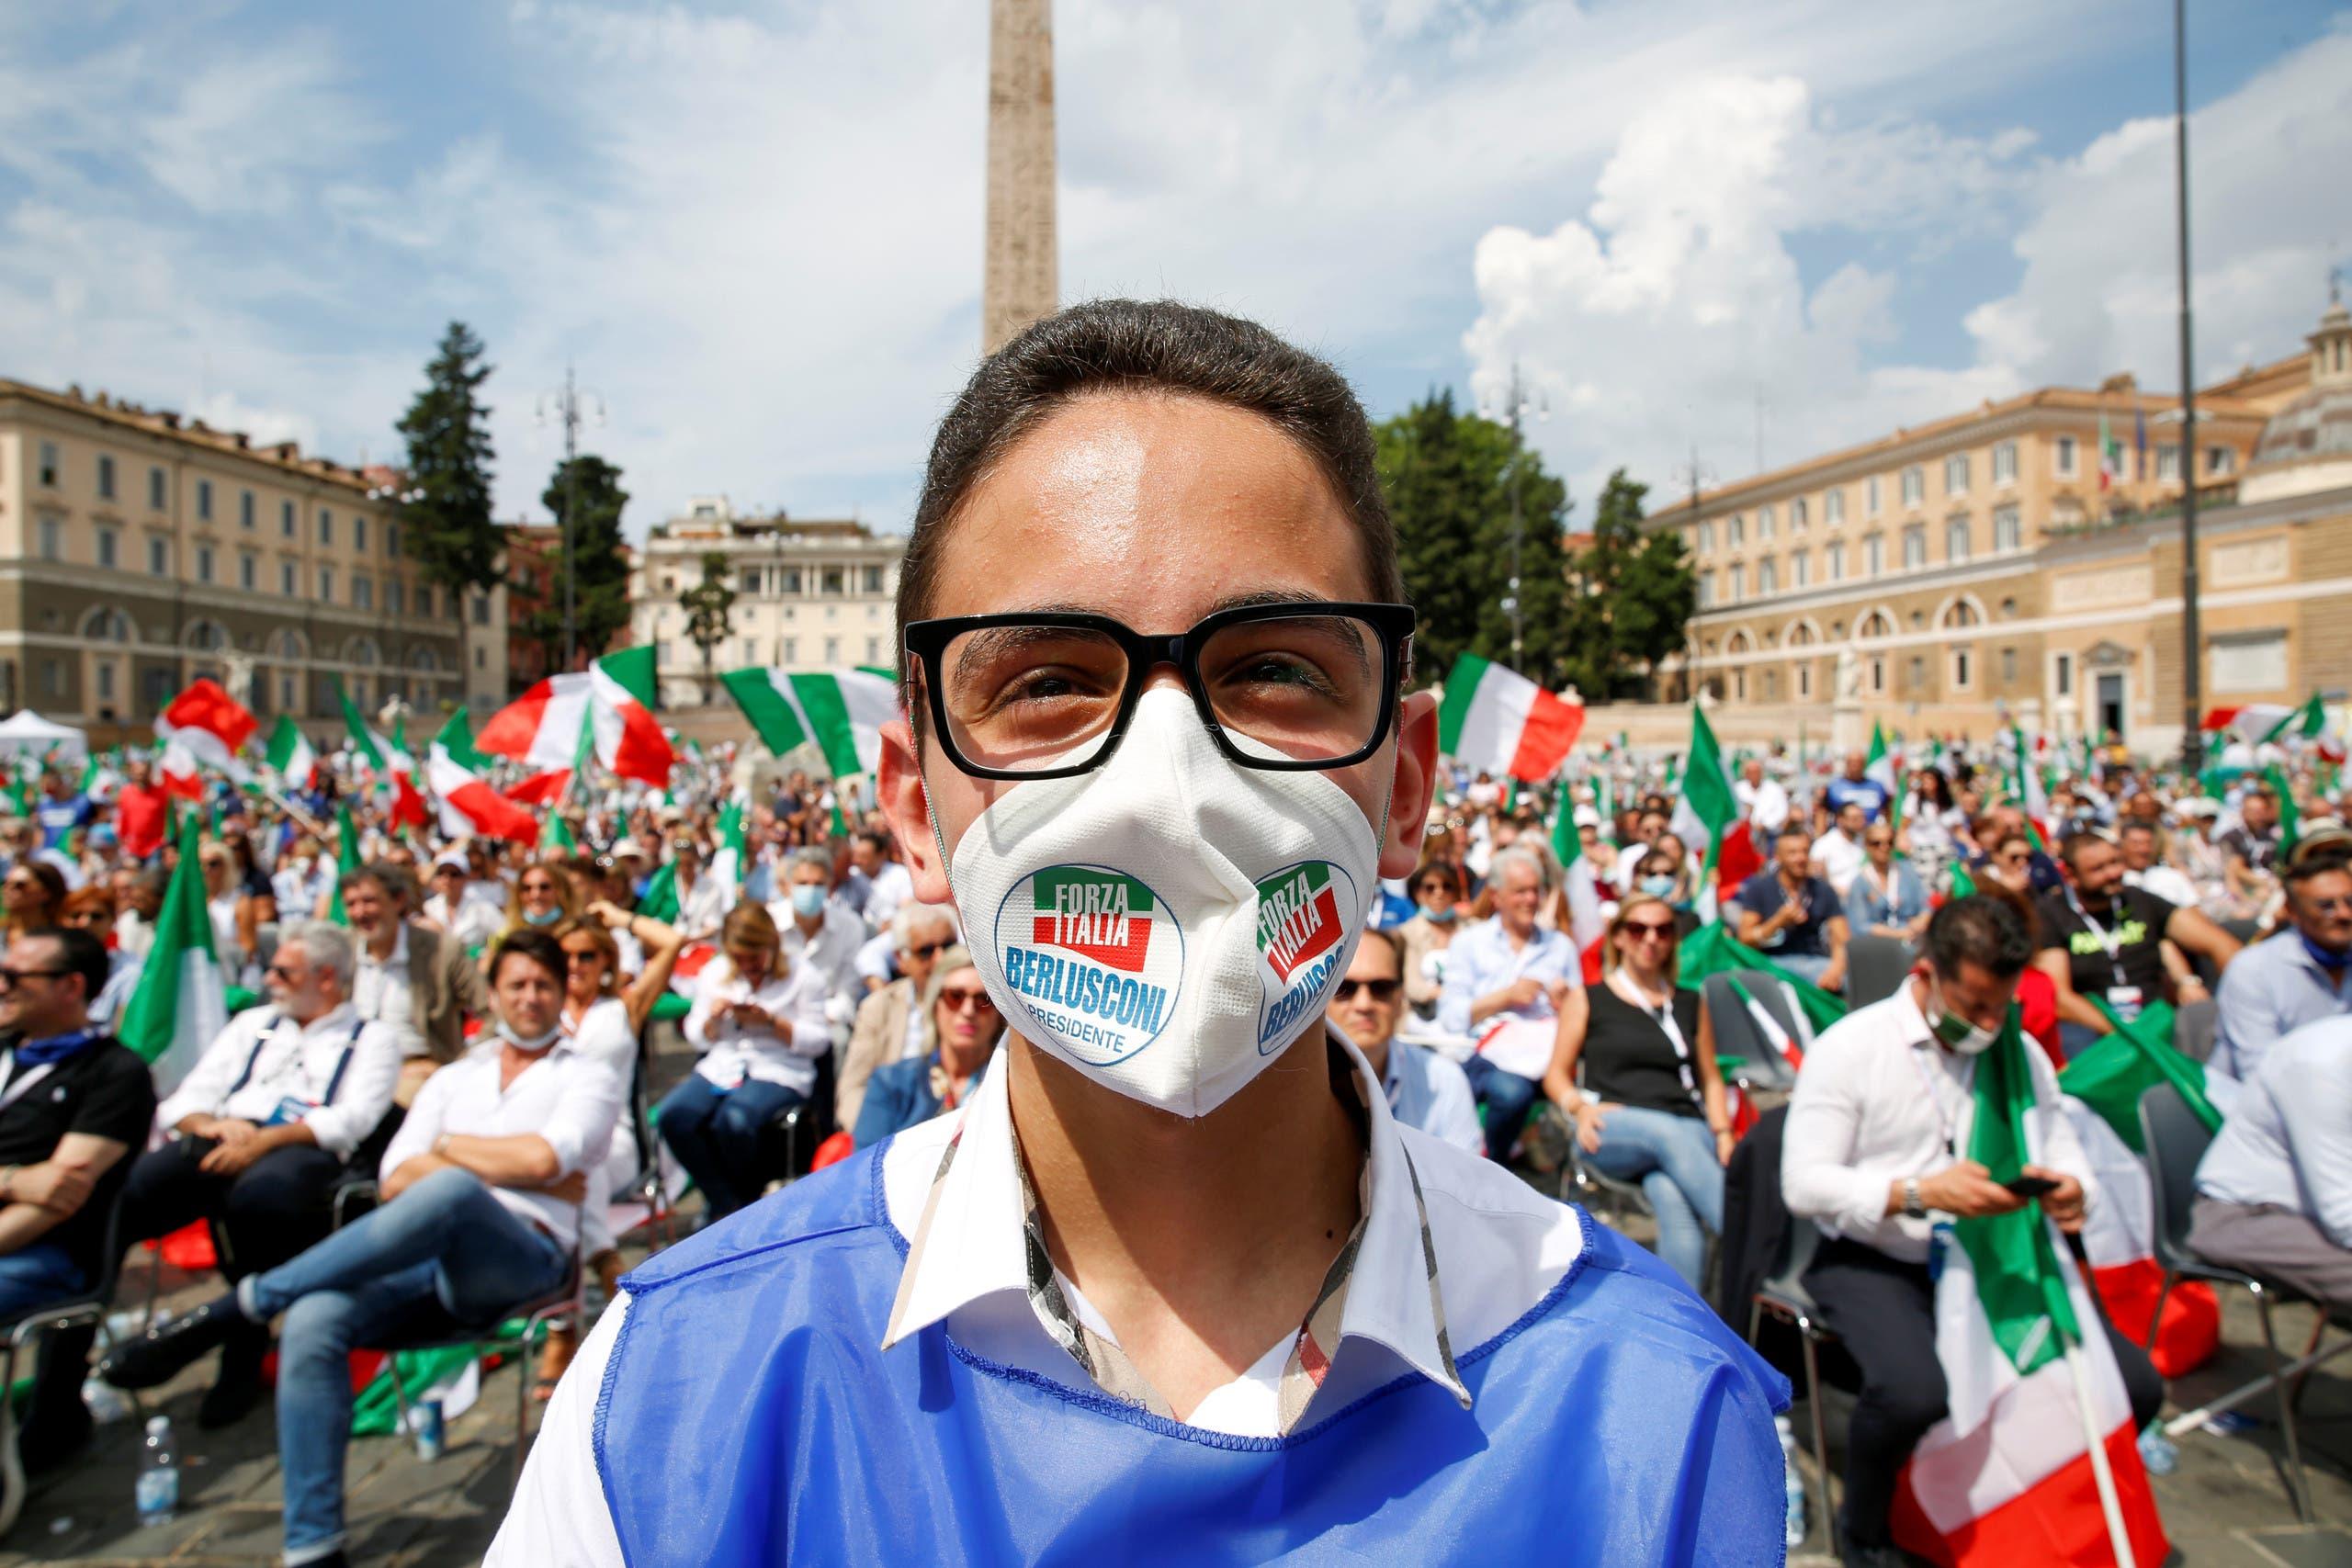 تجمع لمناصري حزب برلسكوني في روما بمايو الماضي